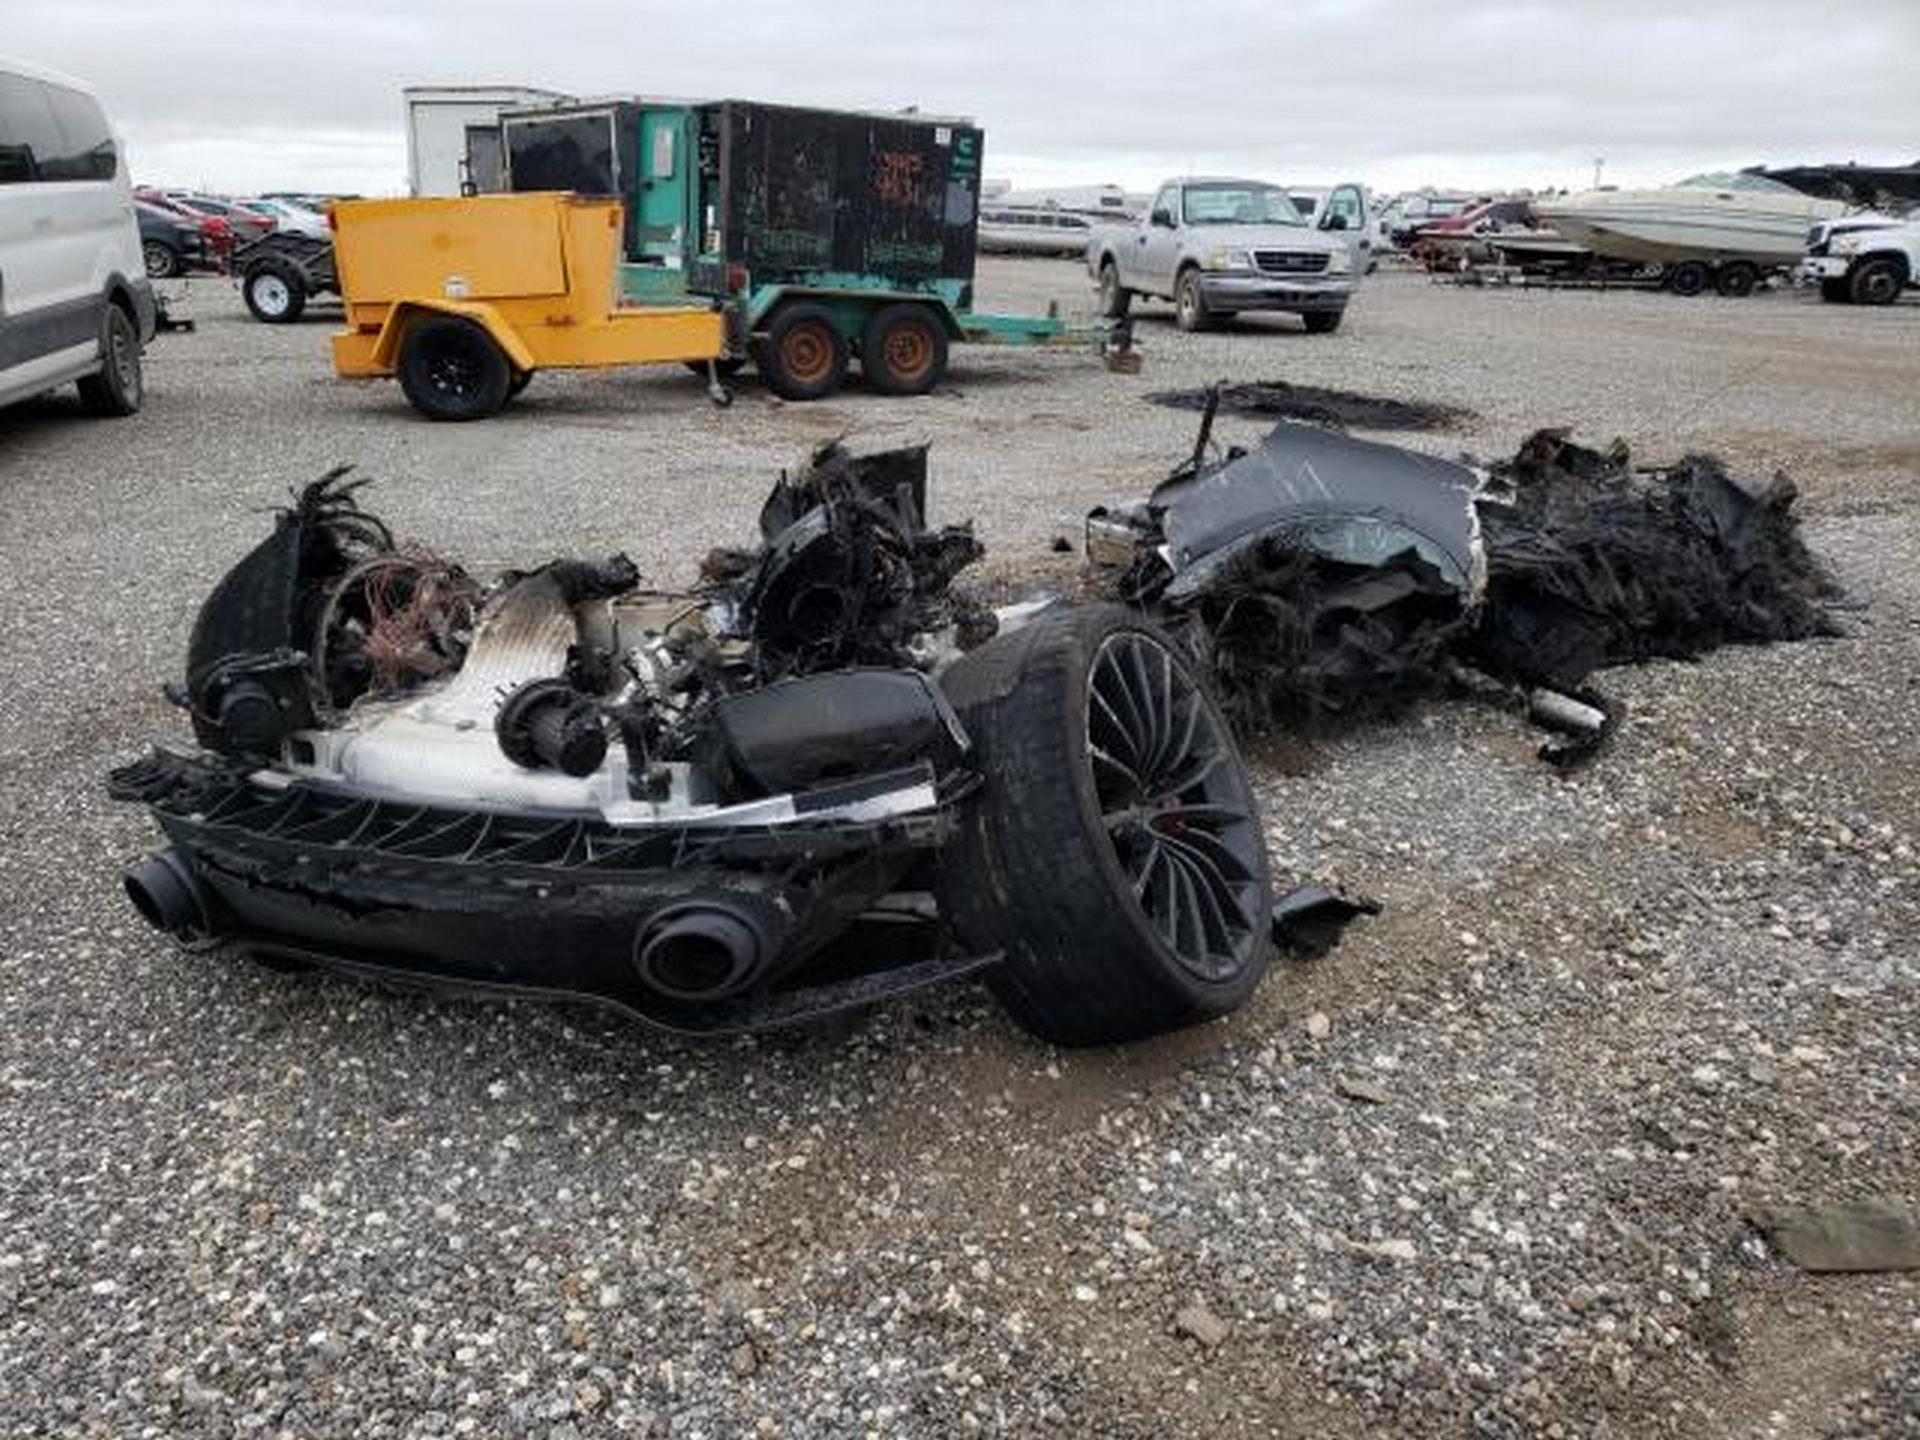 Siêu xe McLaren bị cháy thành tro vẫn được rao bán - 1